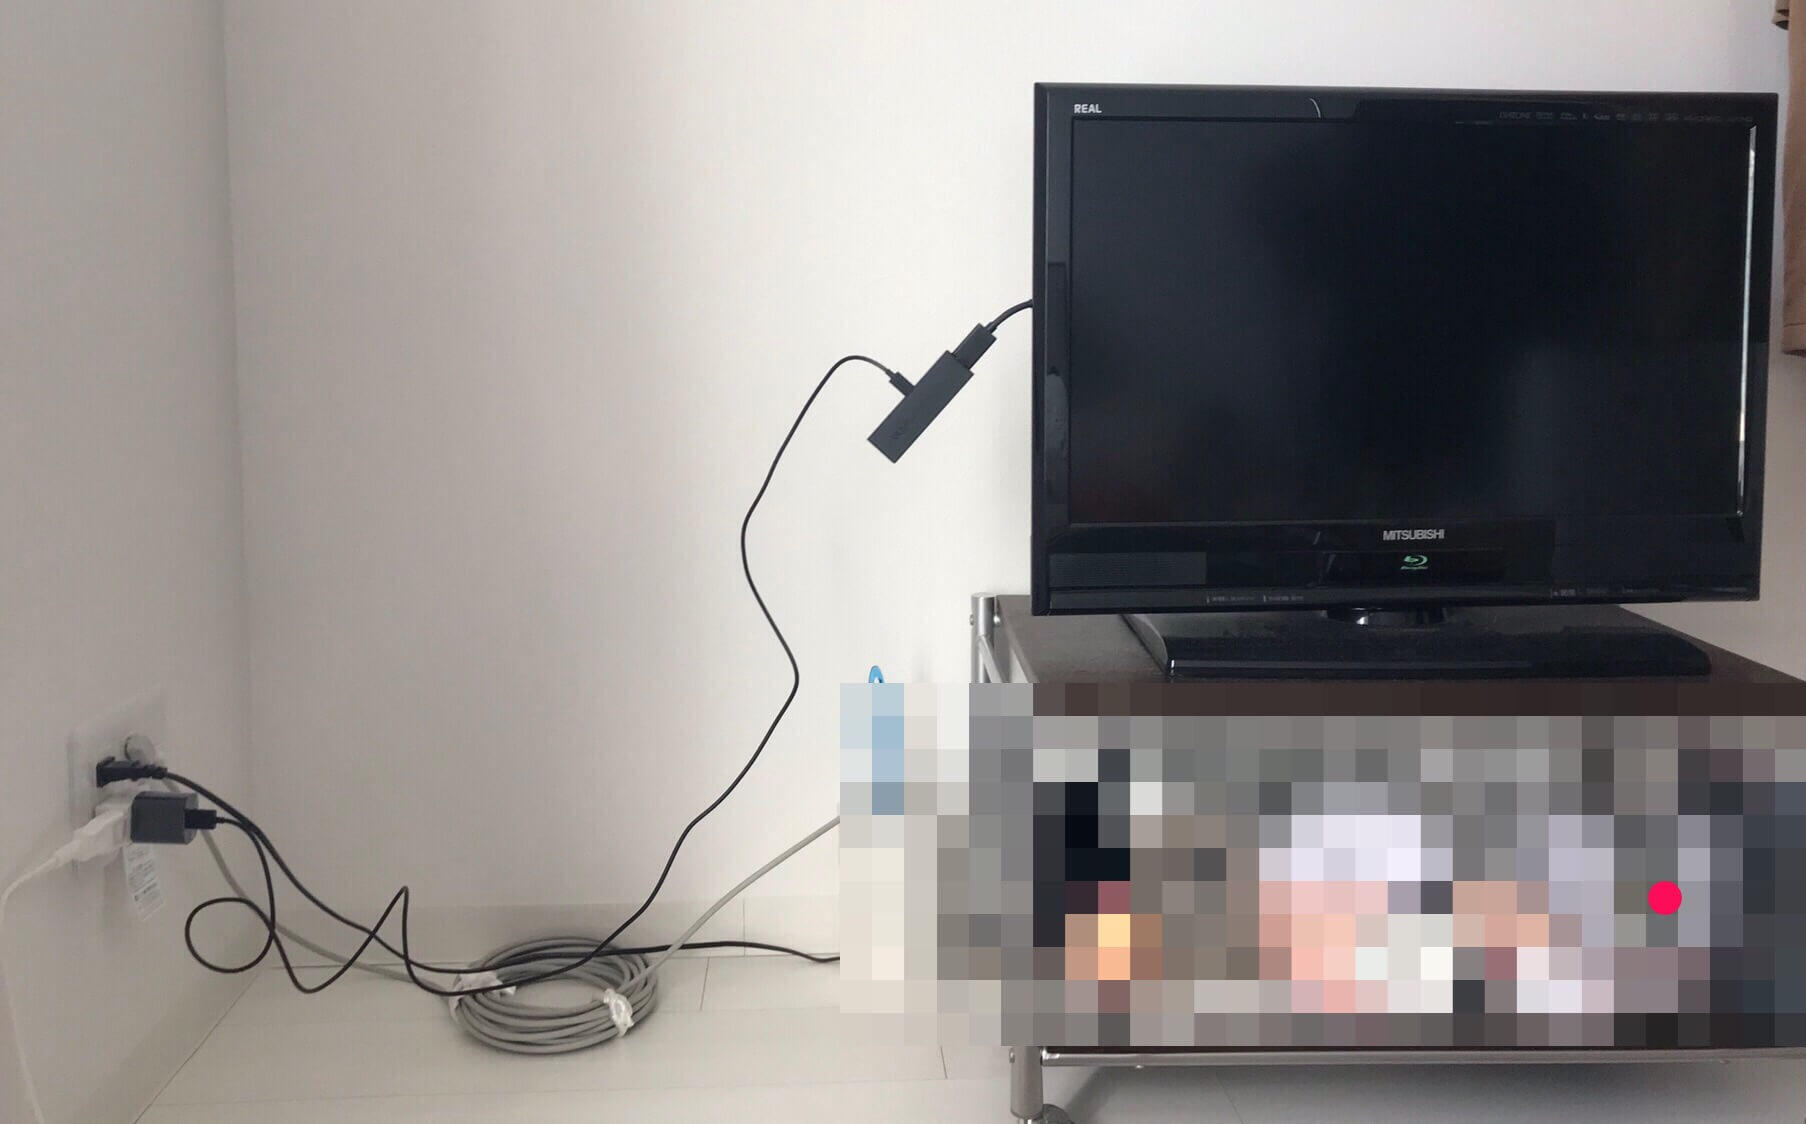 Fire TV Stick 4kの電源を遠くのコンセントからとっているためコードがダサい図